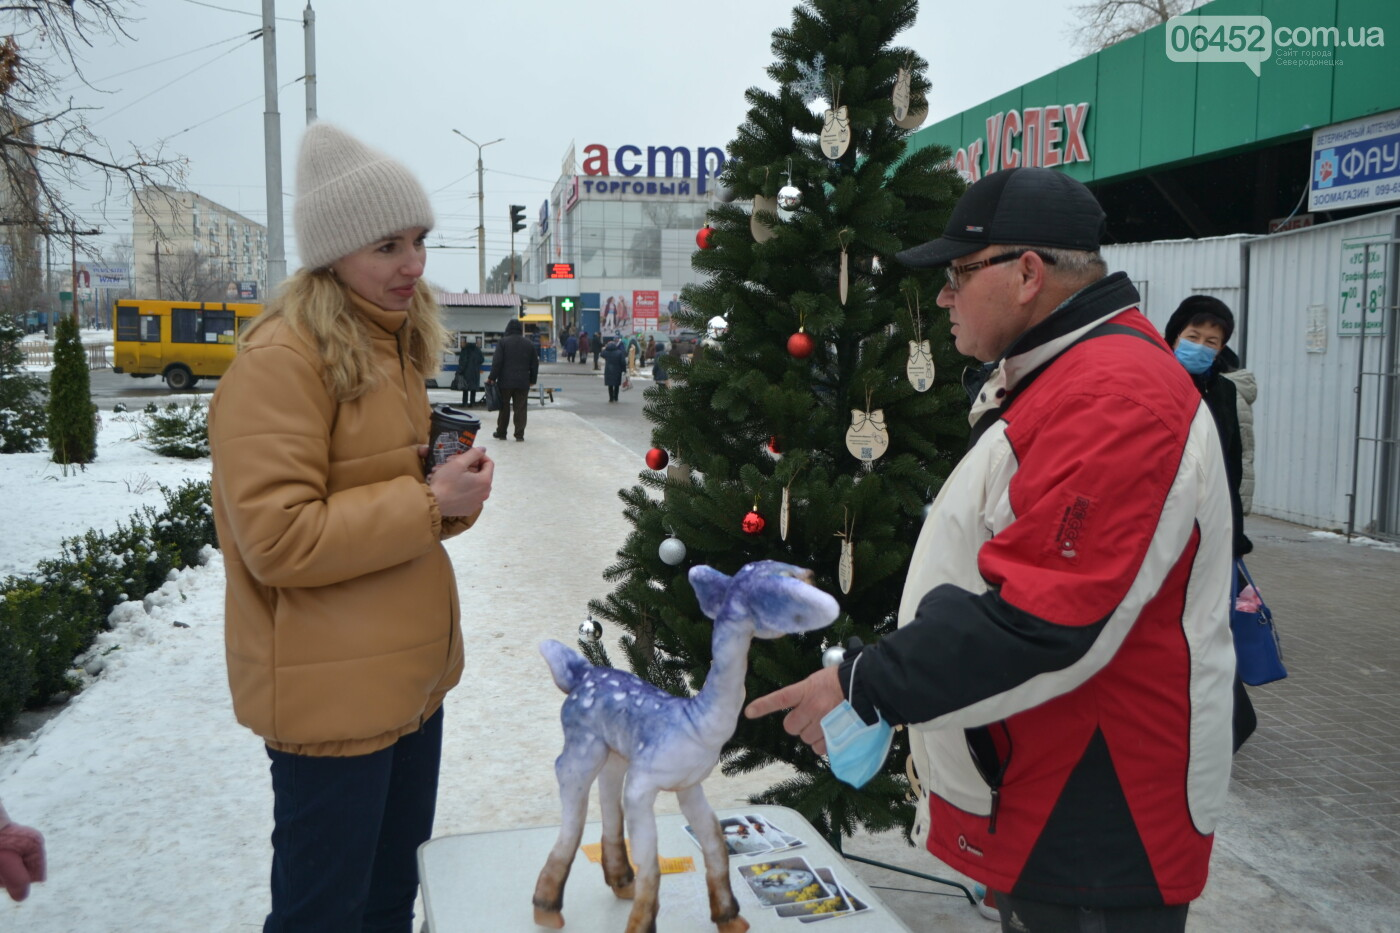 В Северодонецке прошла новогодняя онлайн ярмарка (фото, видео) , фото-1